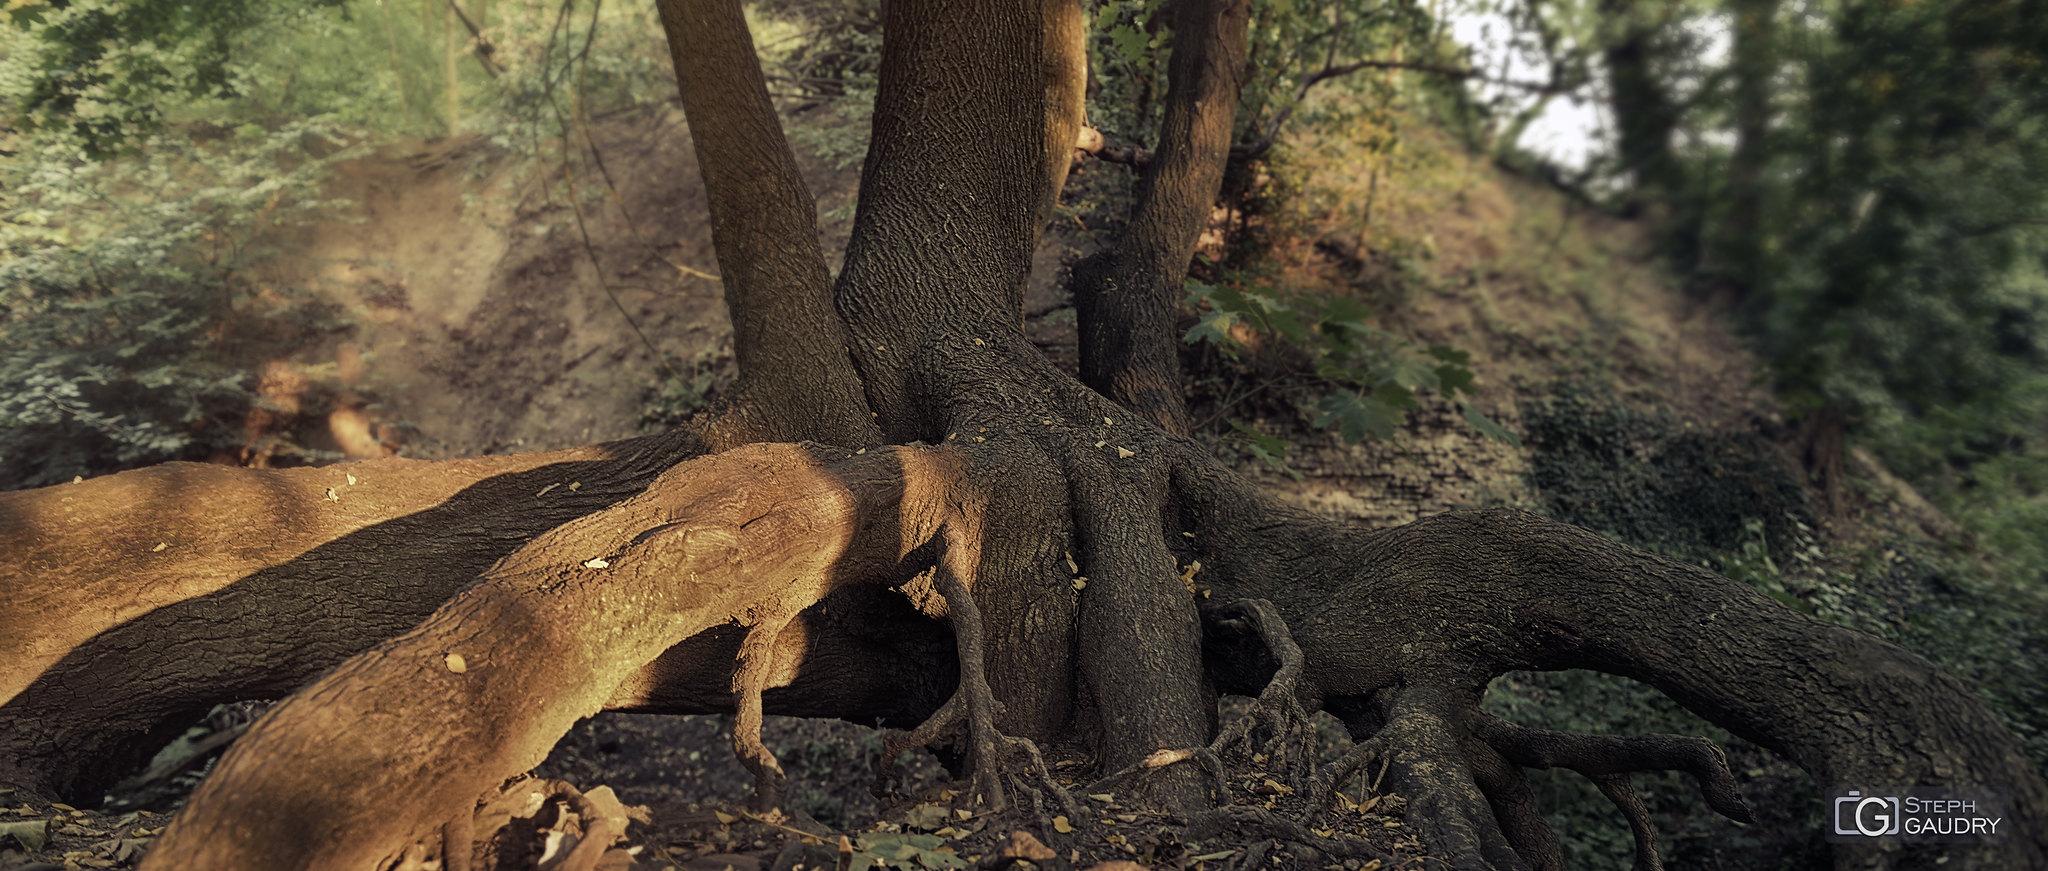 Les bois de la Chartreuse - coucher de soleil sur les racines [Cliquez pour lancer le diaporama]